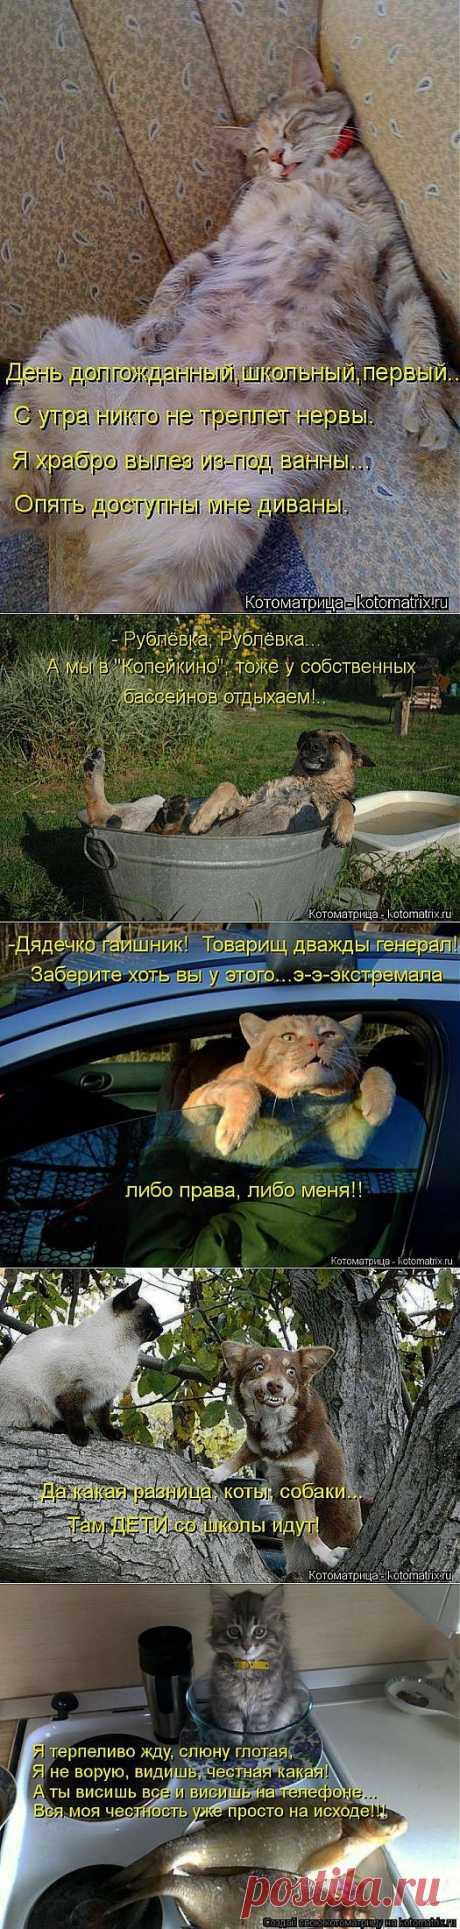 Все. Нафиг политику. Отвлекитесь))) | ОБОРЖАКА ;)